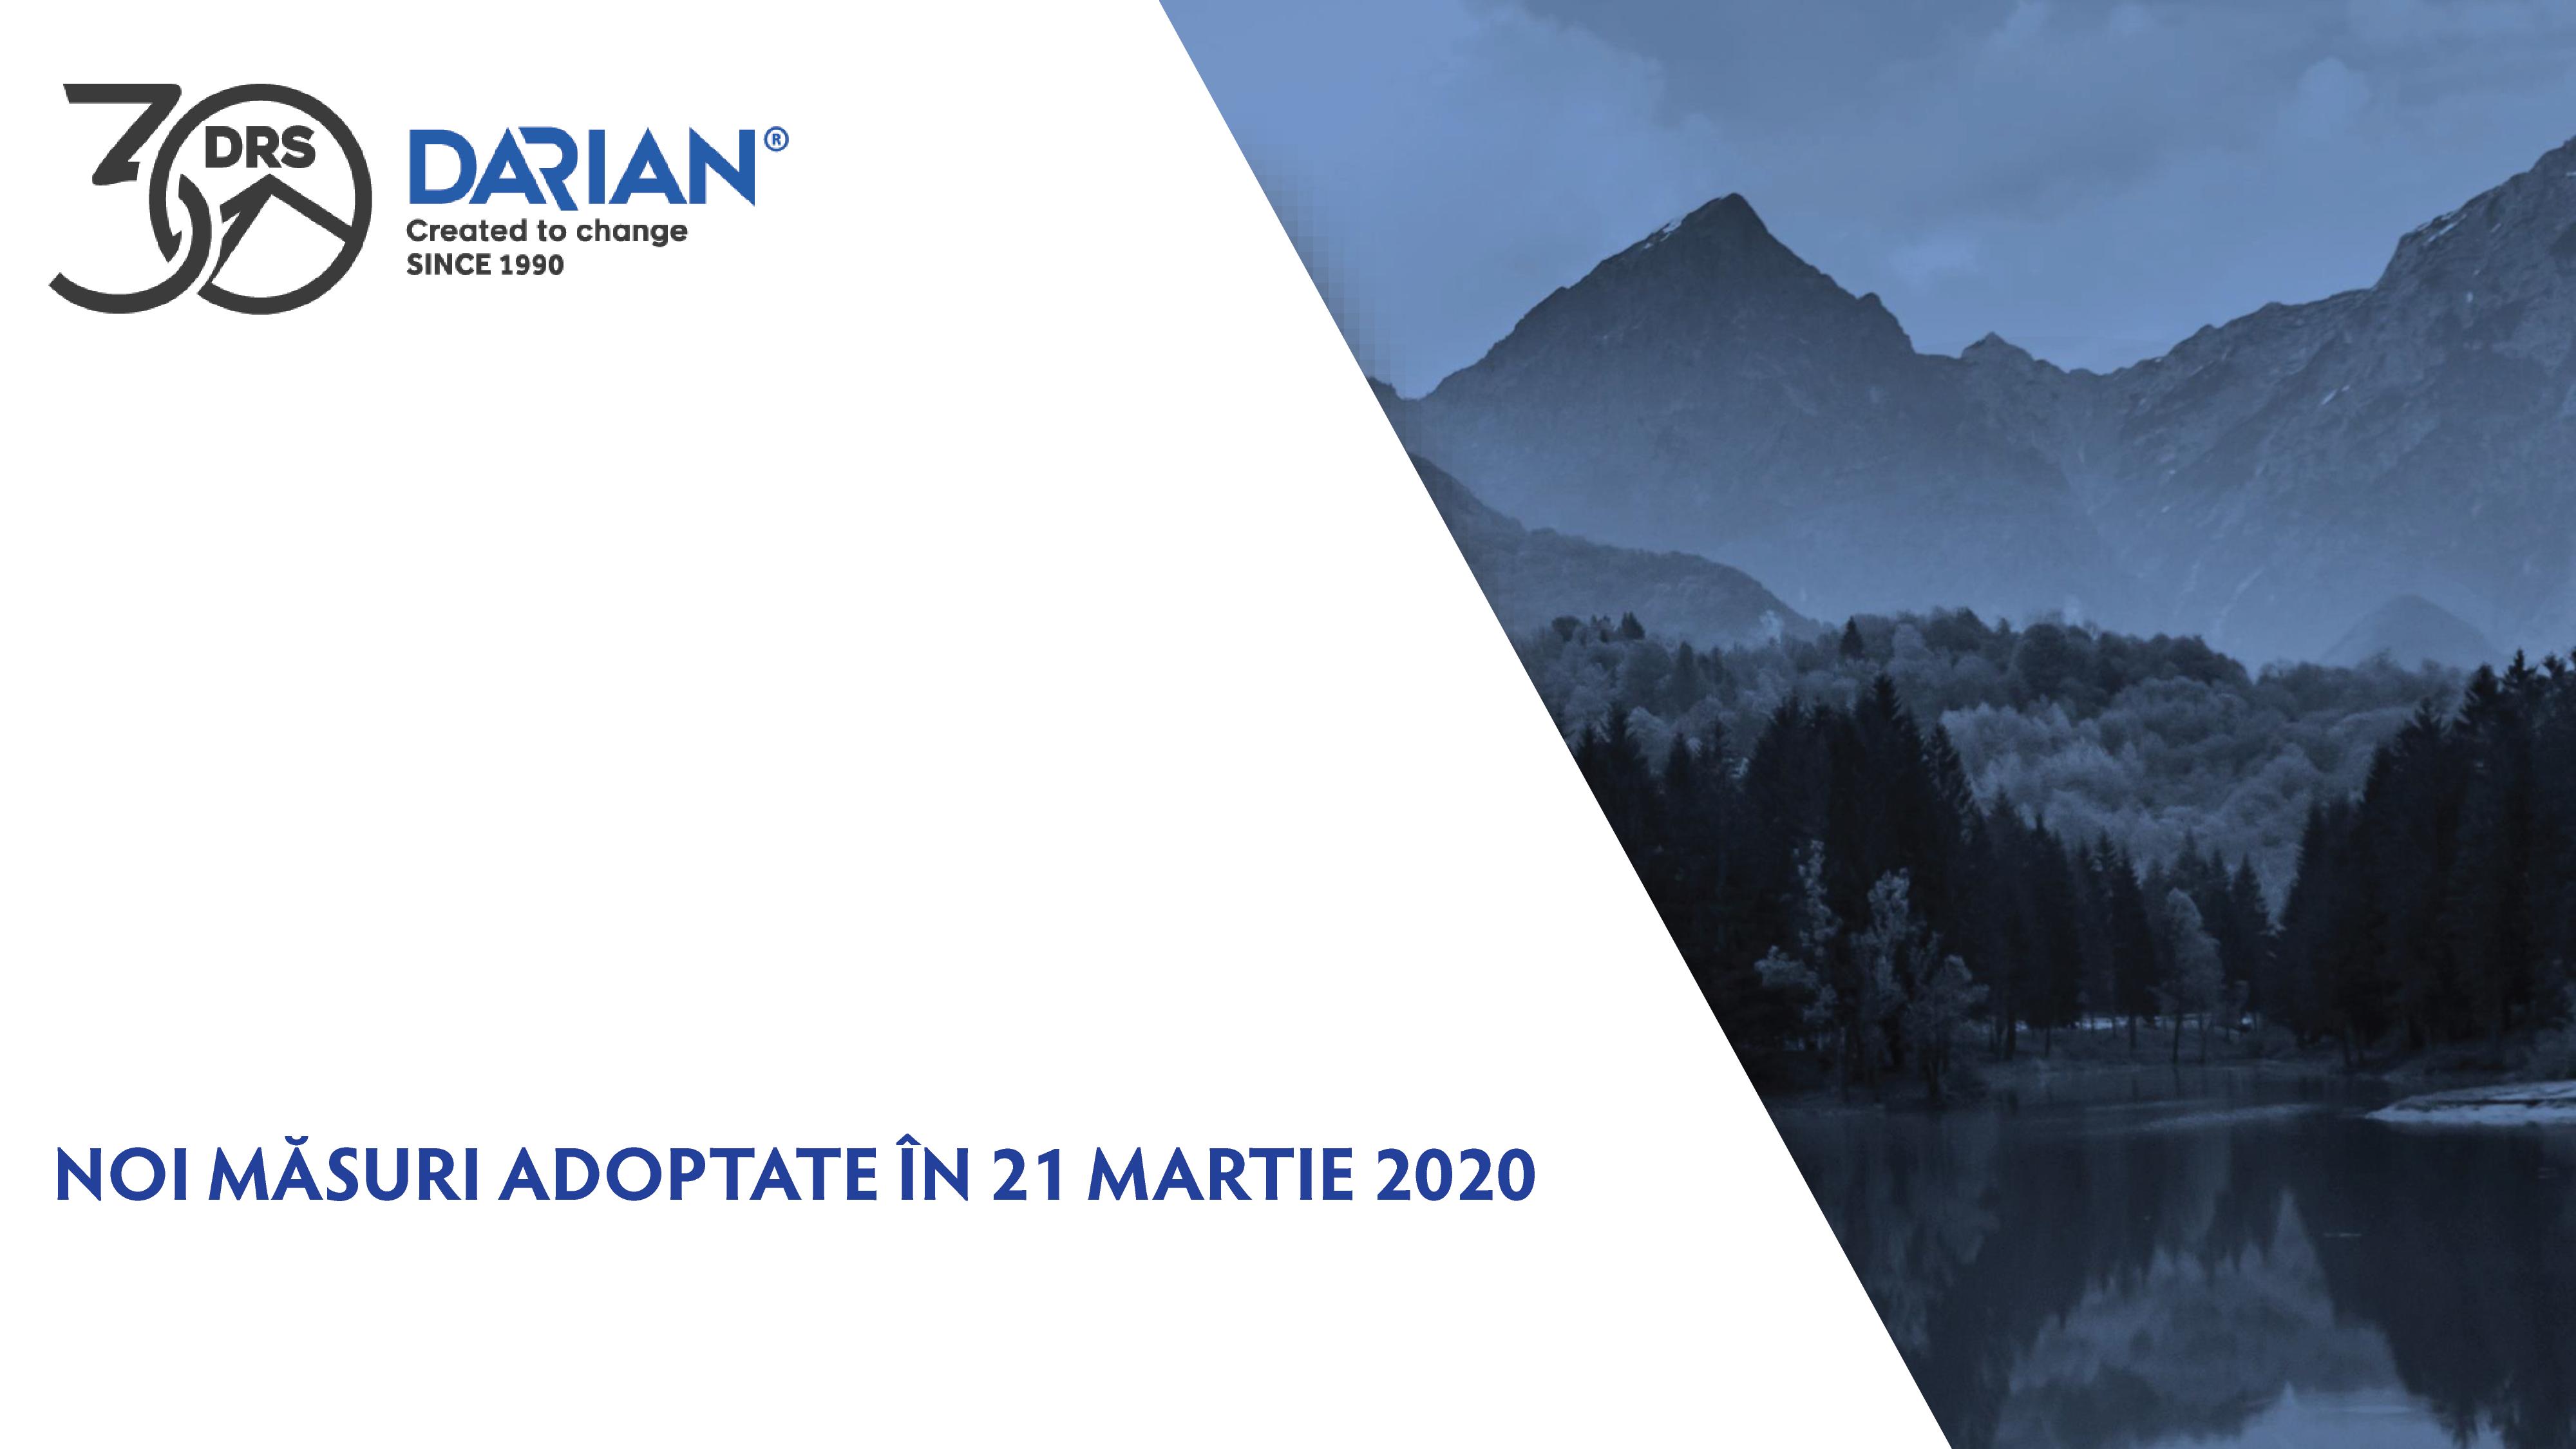 Noi măsuri adoptate în 21 martie 2020